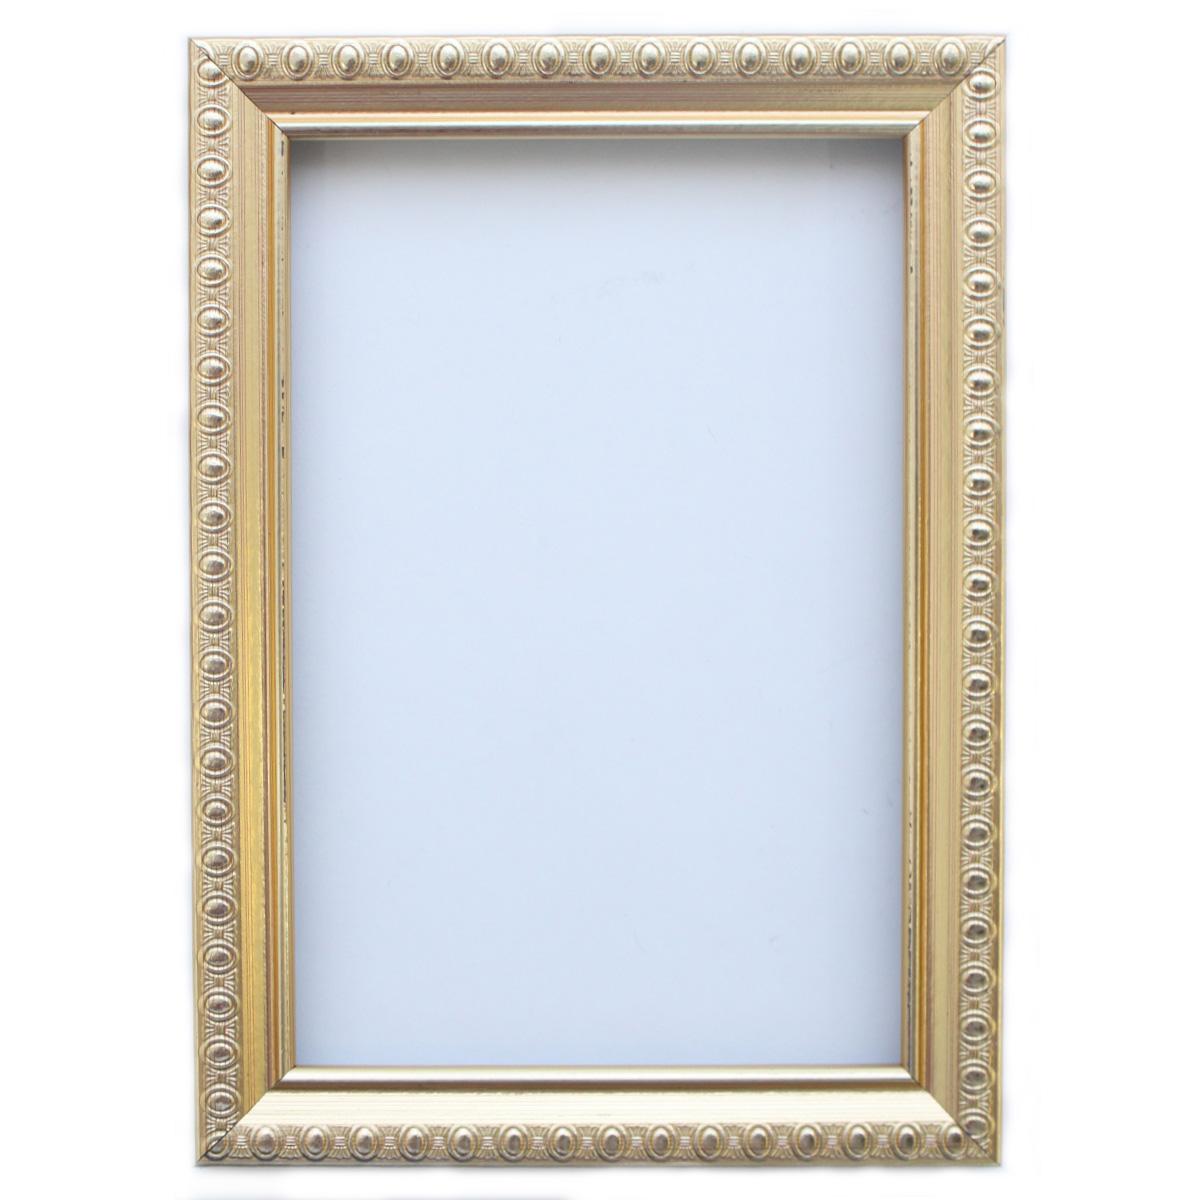 Рама без стекла с прозрачным дном, цвет: золото, 10х15 см. RAM111001300250_крымРамы предназначены для оформления картин, фотографий. Обрамленные такой рамкой работы, сразу же преображаются и приобретают завершенный вид.